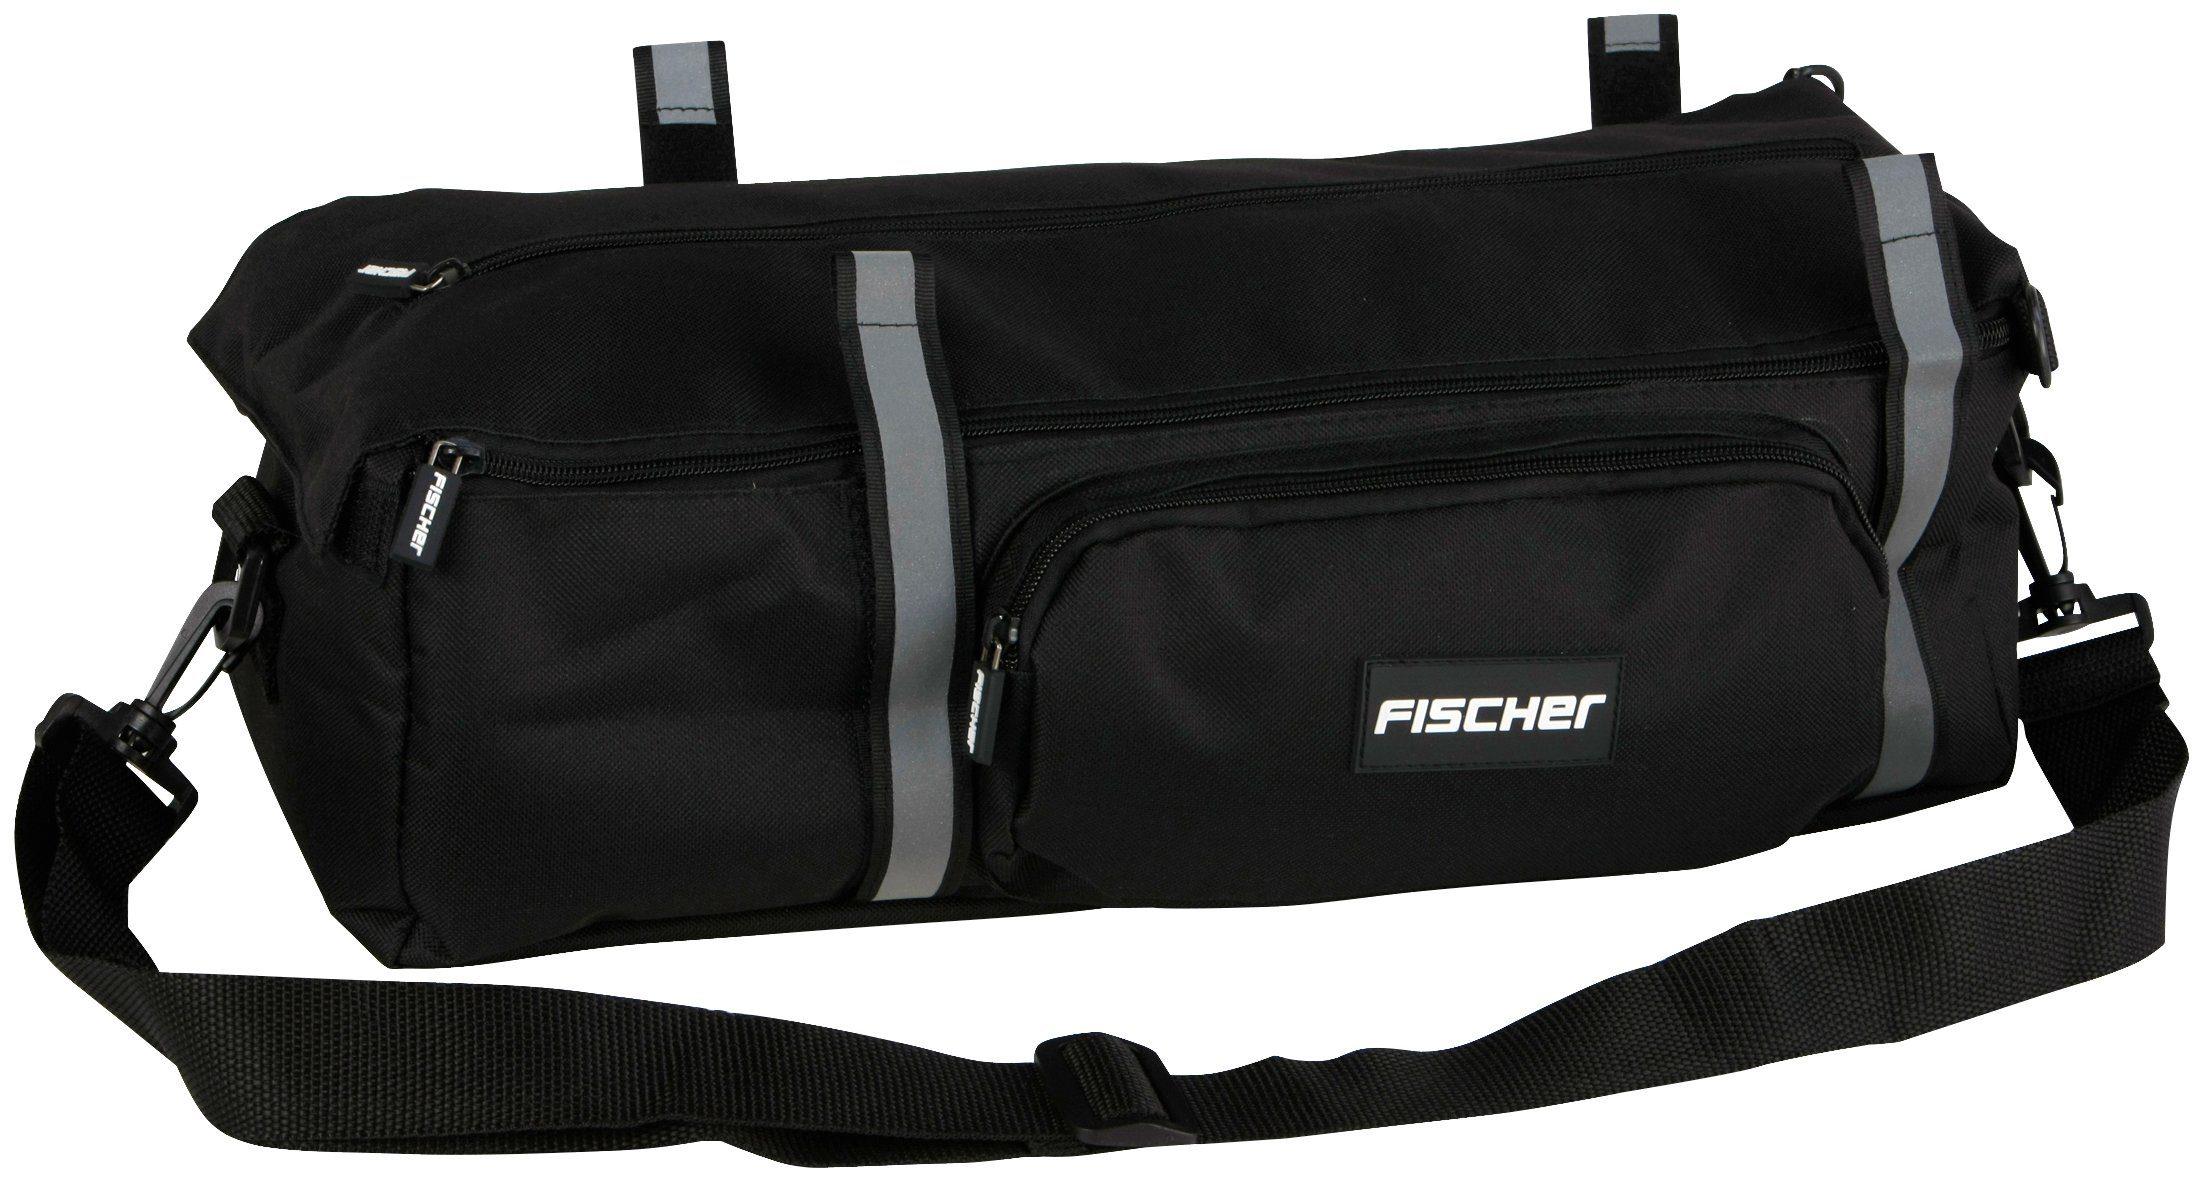 FISCHER FAHRRAEDER Gepäckträgertasche »Sport«